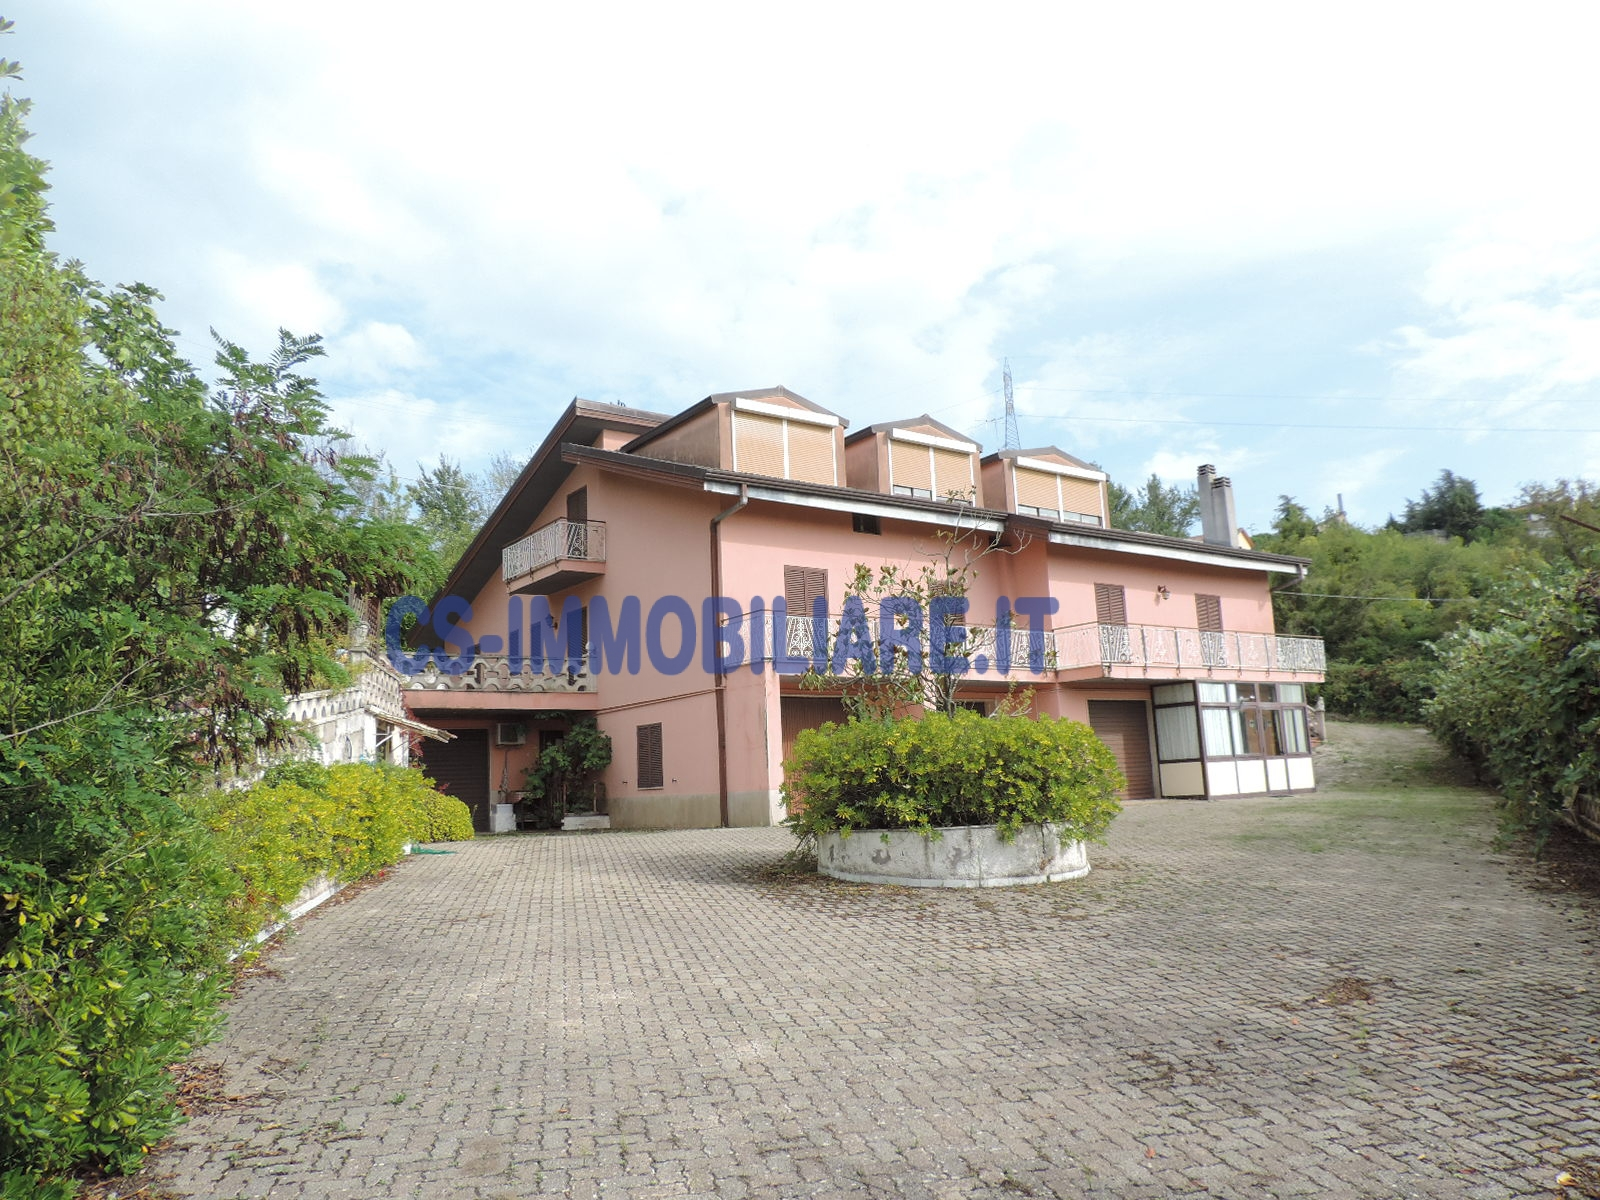 Villa in vendita a Potenza, 20 locali, prezzo € 700.000 | CambioCasa.it